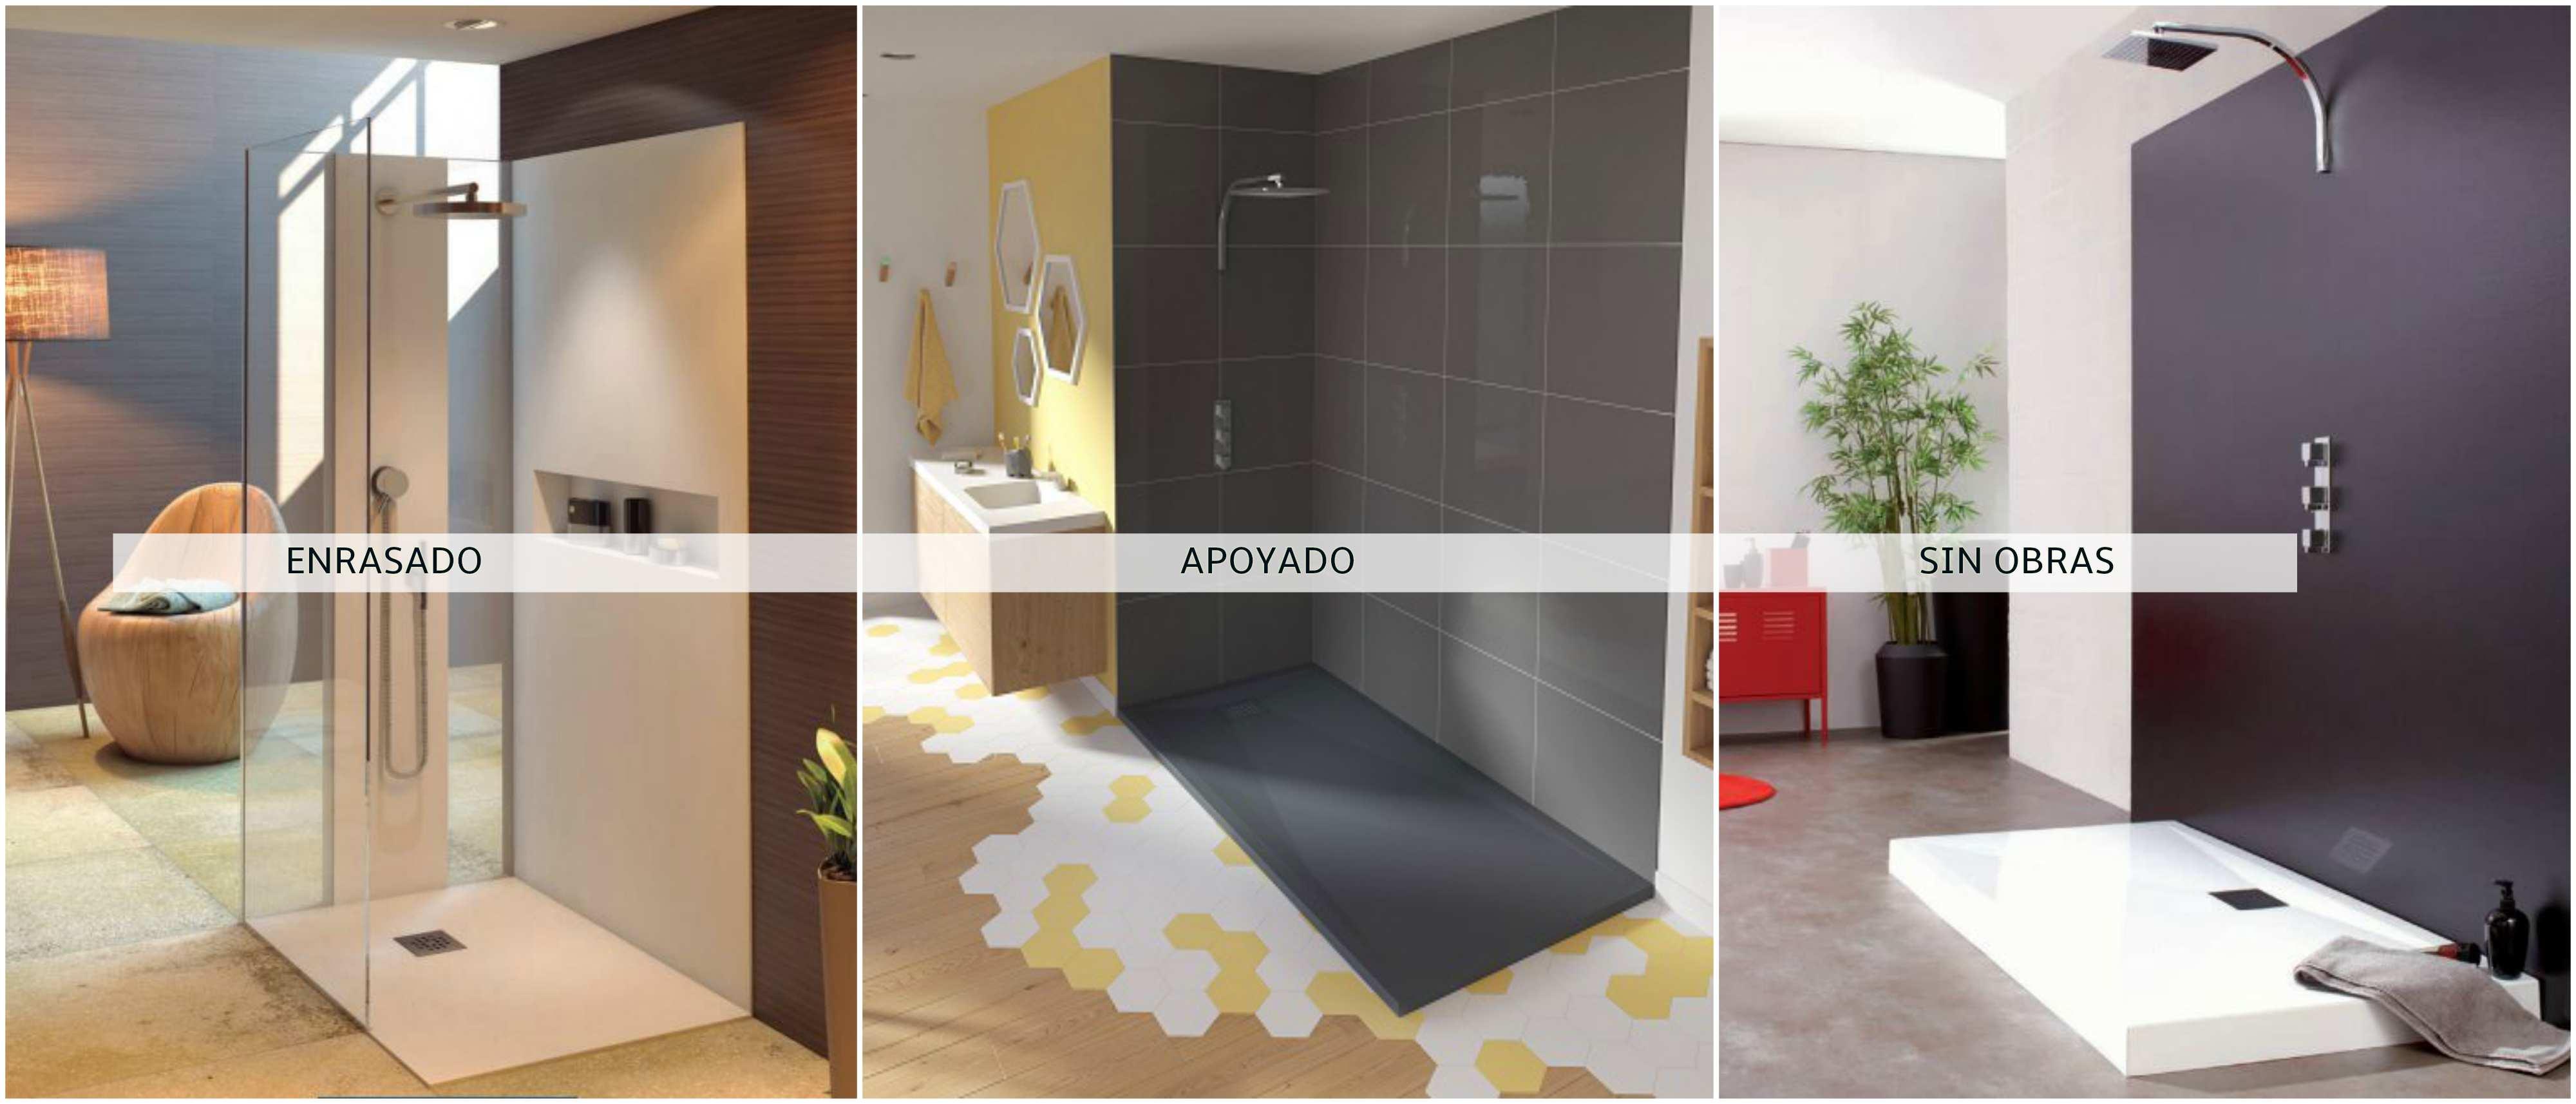 Como Instalar Un Plato De Ducha De Resina 10decoracion - Como-instalar-un-plato-de-ducha